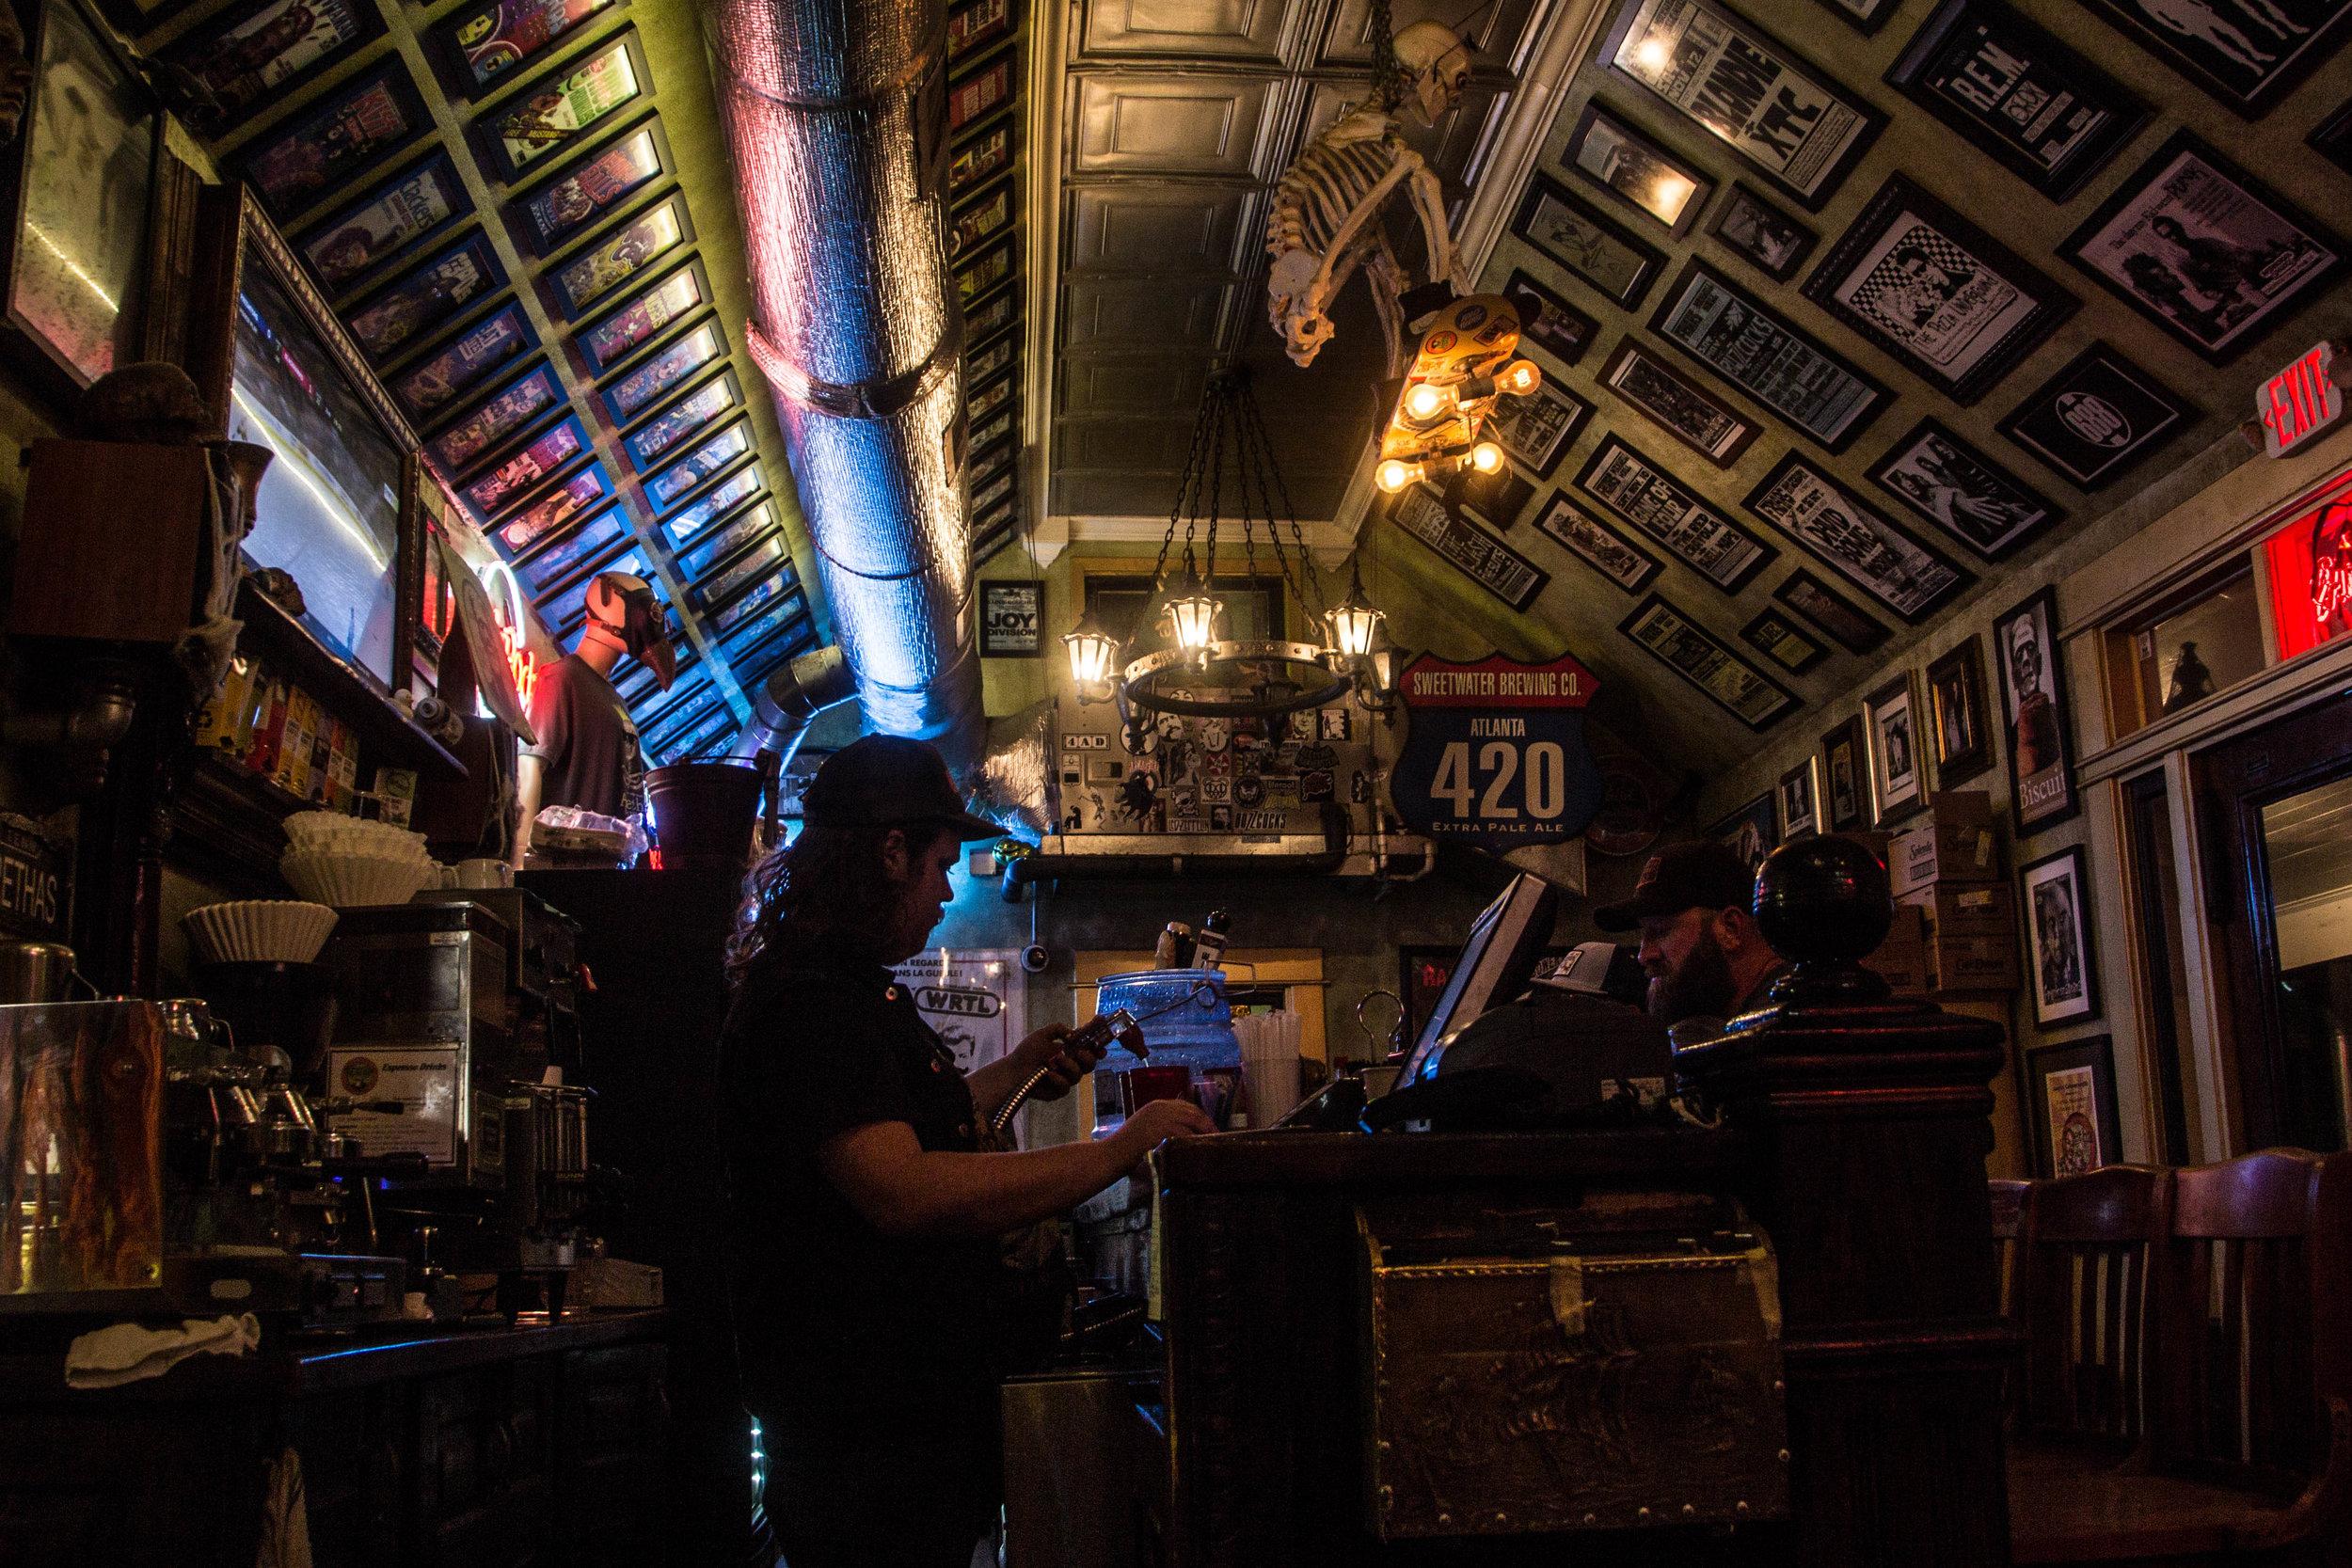 aretha-frankensteins-chattanooga-nightlife-1.jpg